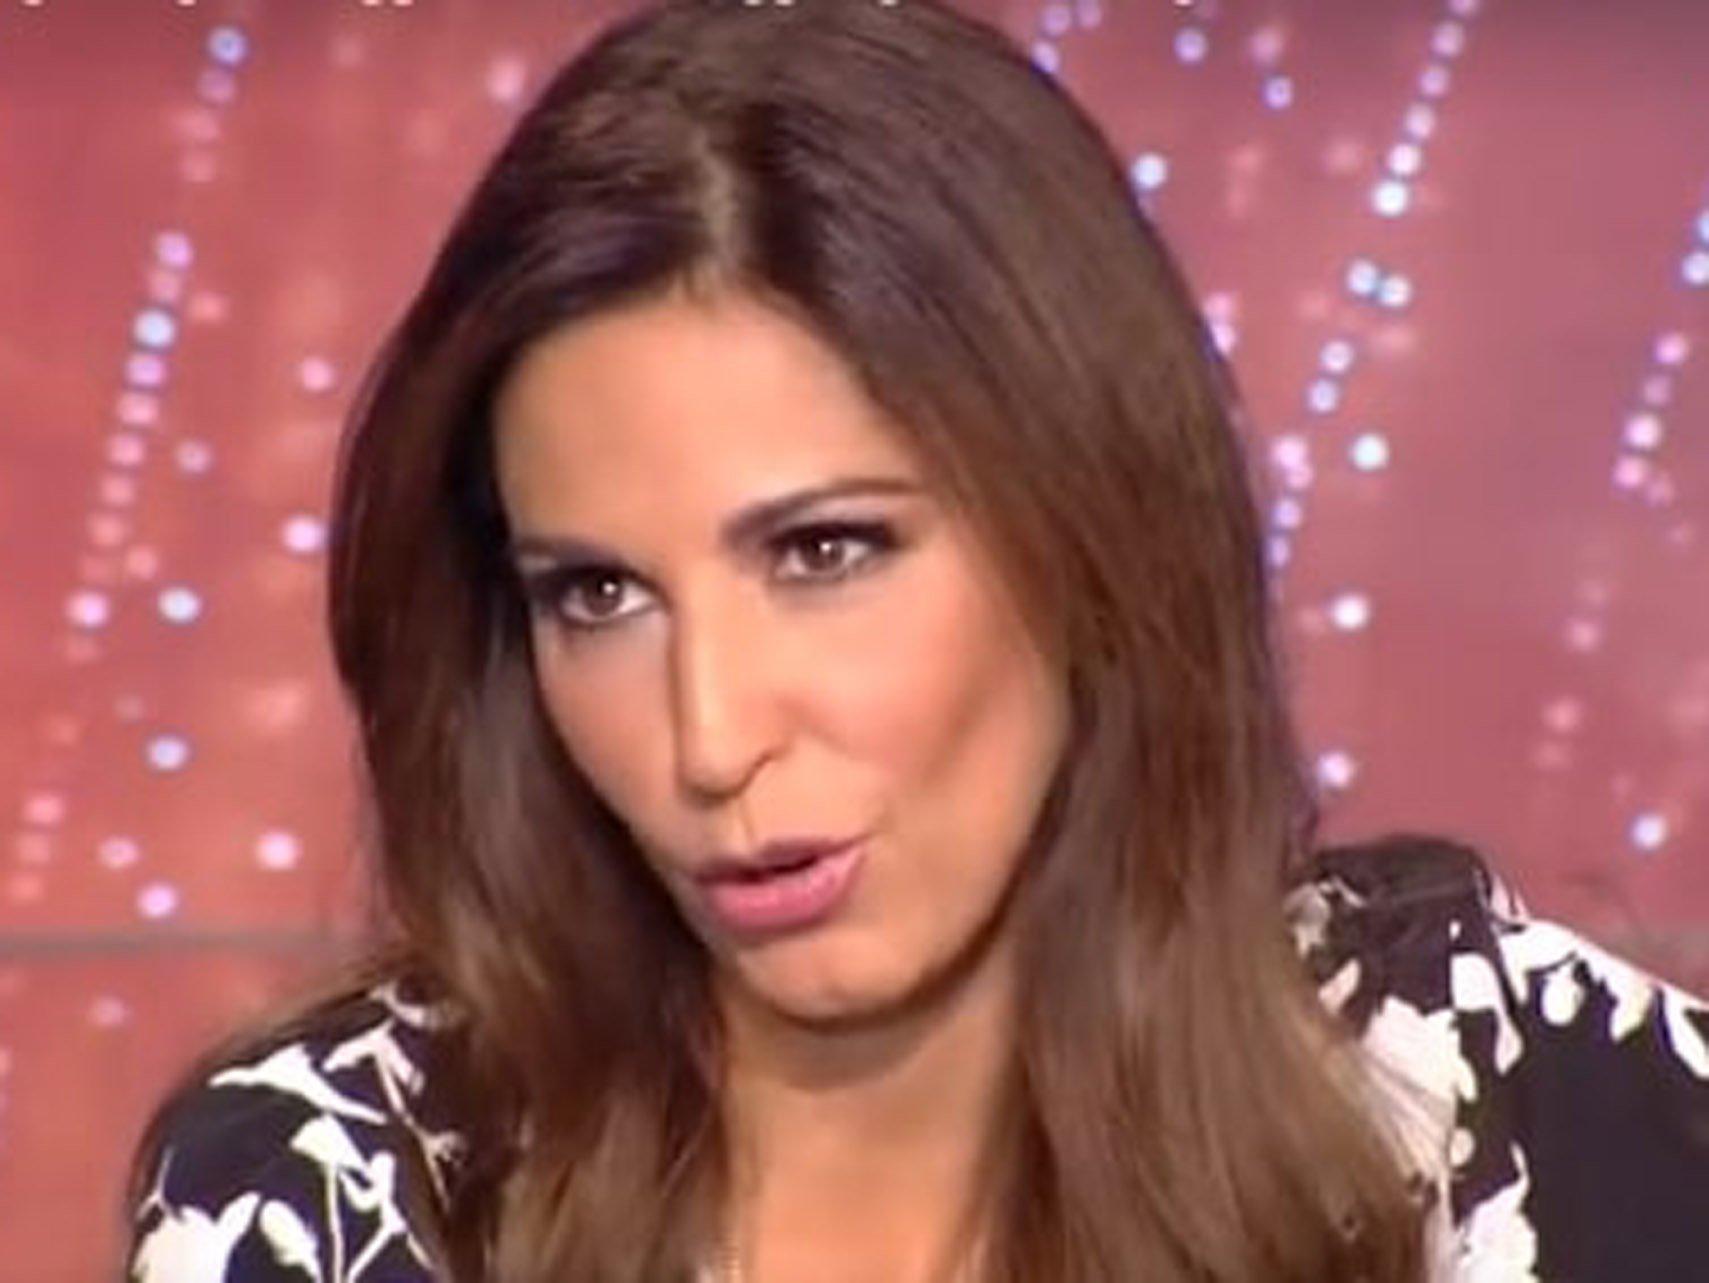 Η Κατερίνα Παπουτσάκη μπλόκαρε follower - Τι συνέβη | Pagenews.gr